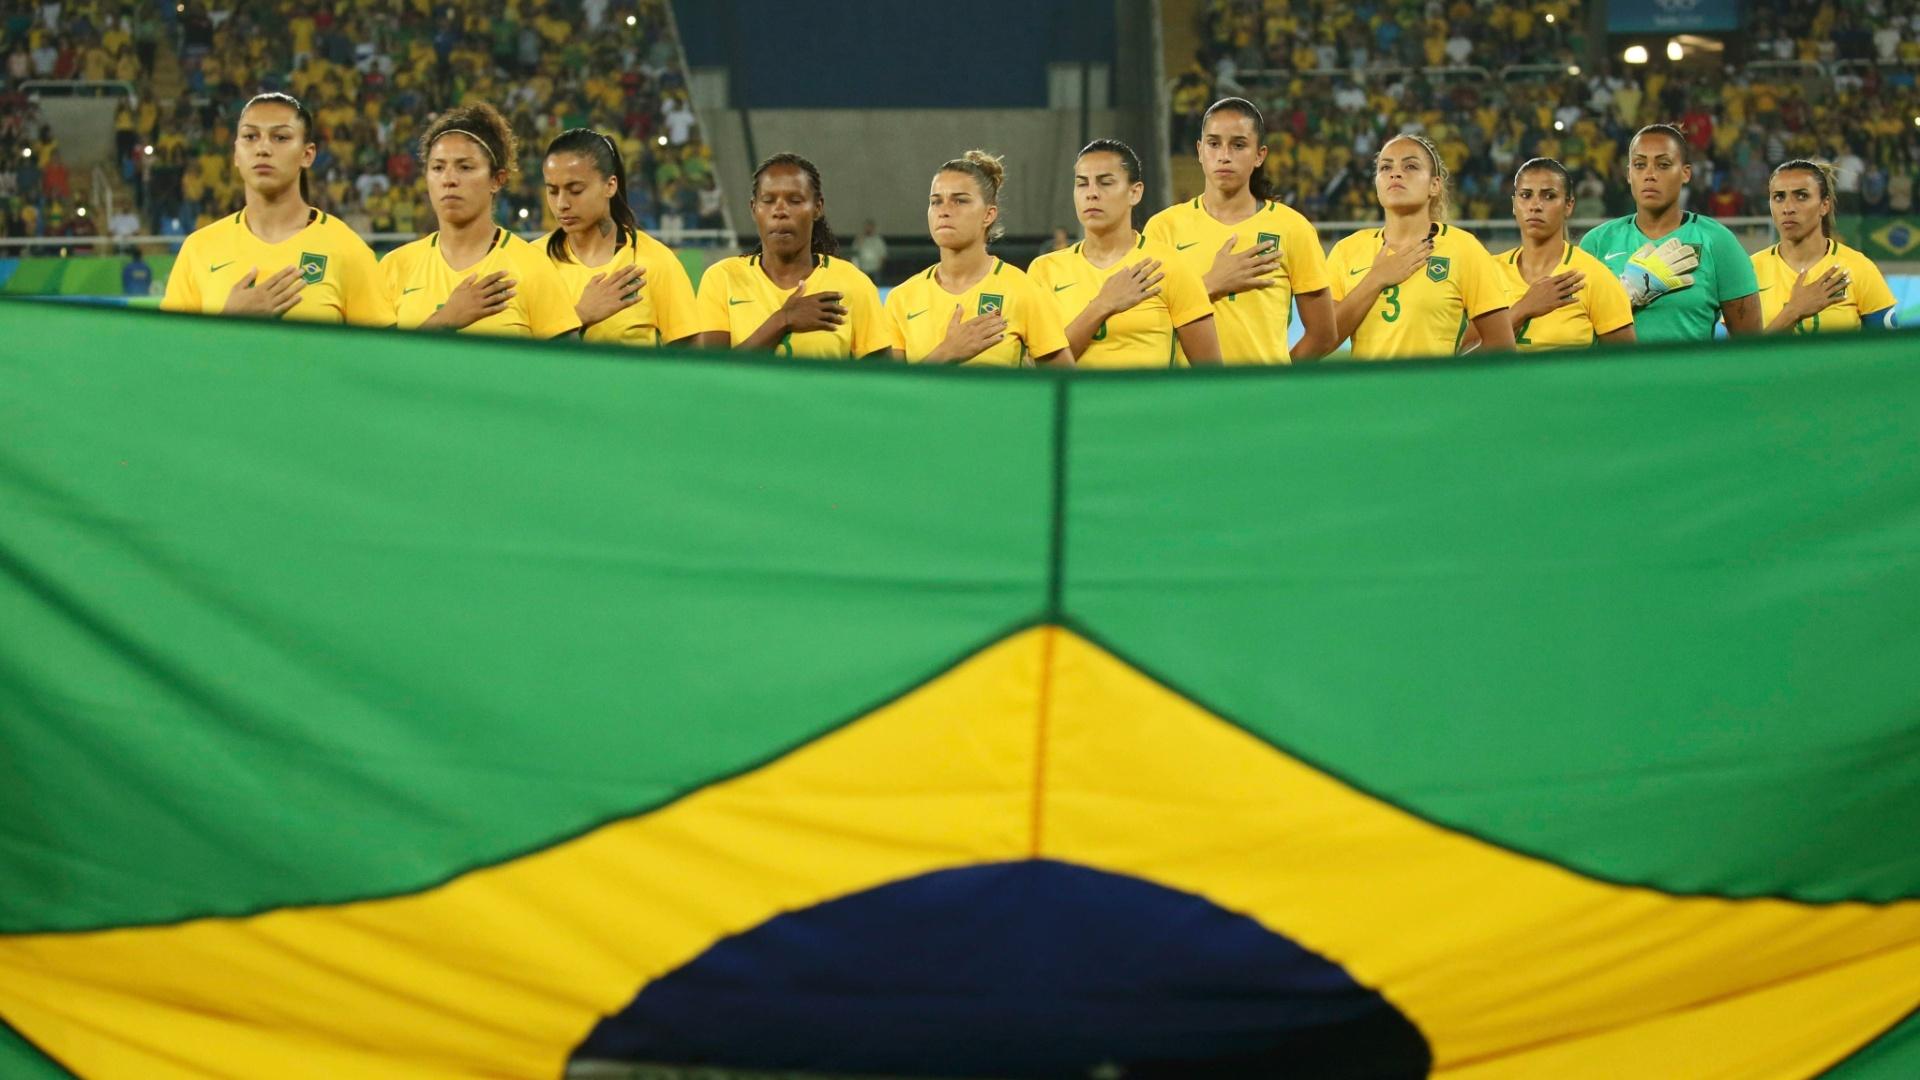 Seleção brasileira de futebol feminino perfilada para o hino nacional